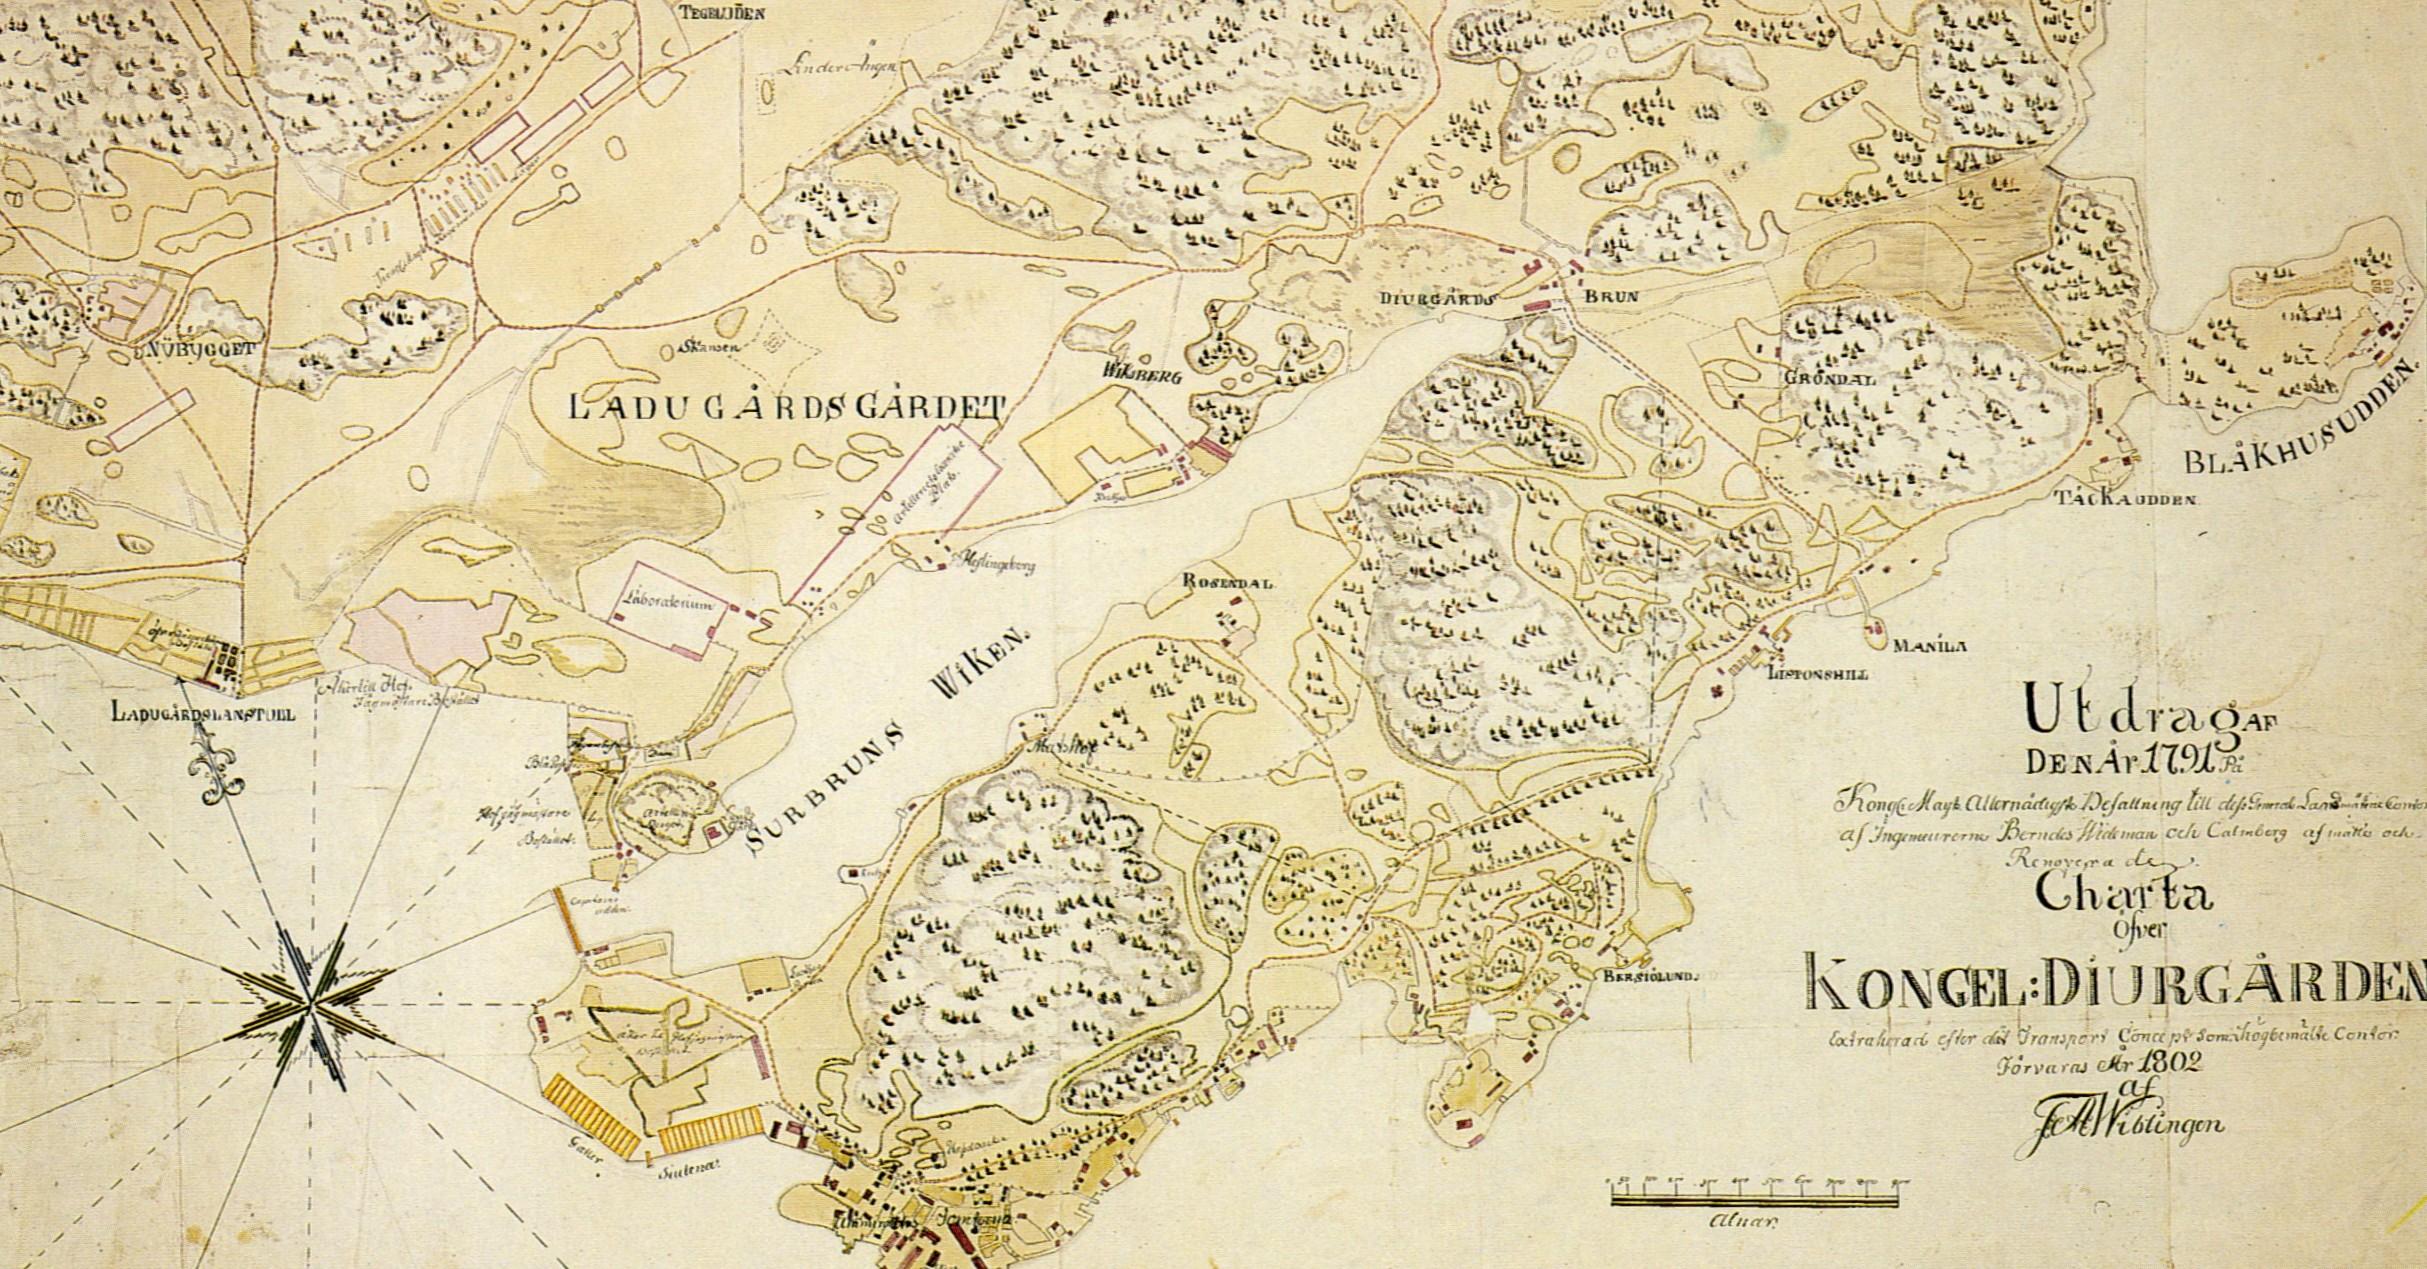 karta djurgården File:Djurgården karta 1802.   Wikimedia Commons karta djurgården